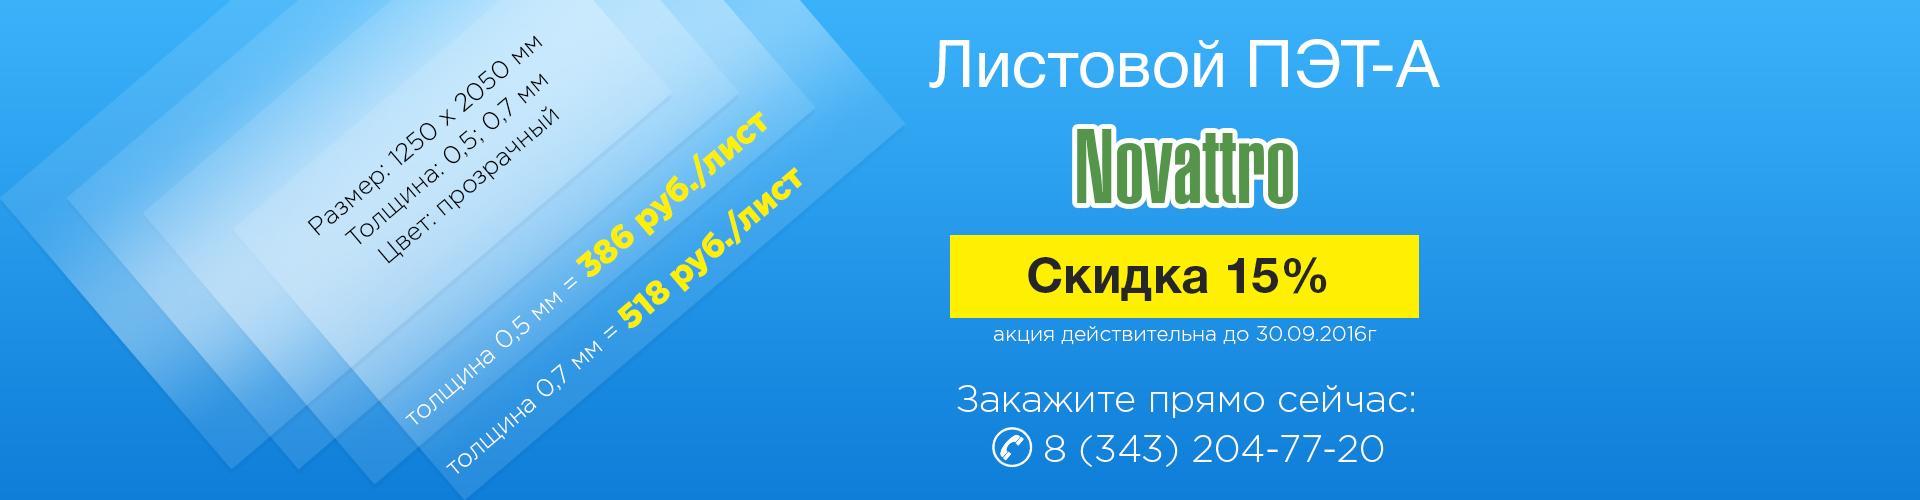 Баннер Novattro